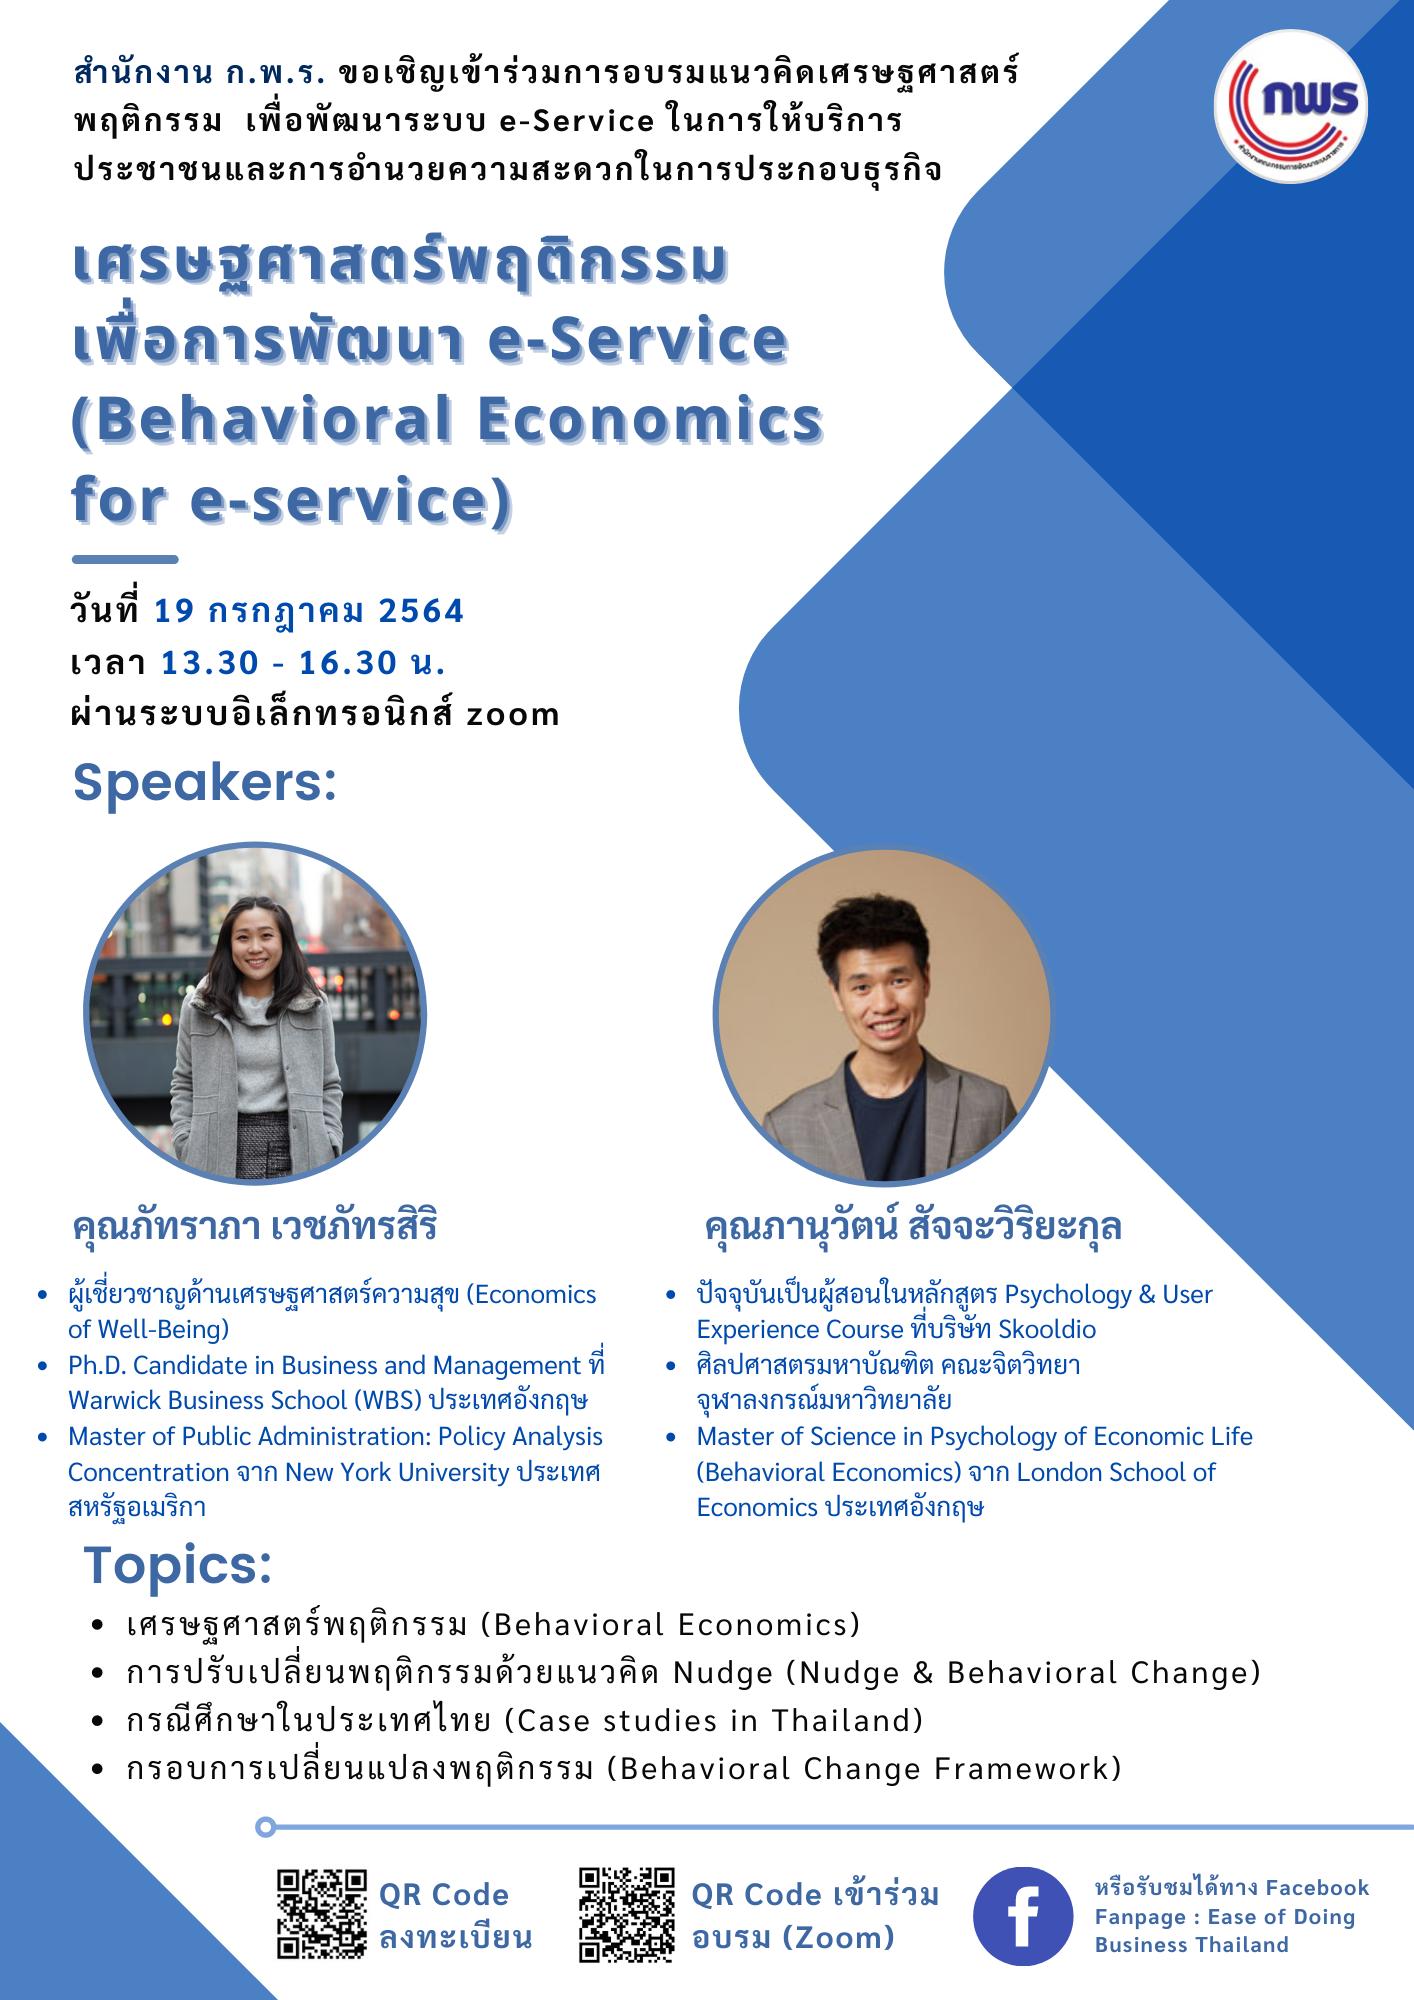 เศรษฐศาสตร์พฤติกรรมเพื่อการพัฒนา e-Service (Behavioral Economics for e-Service)